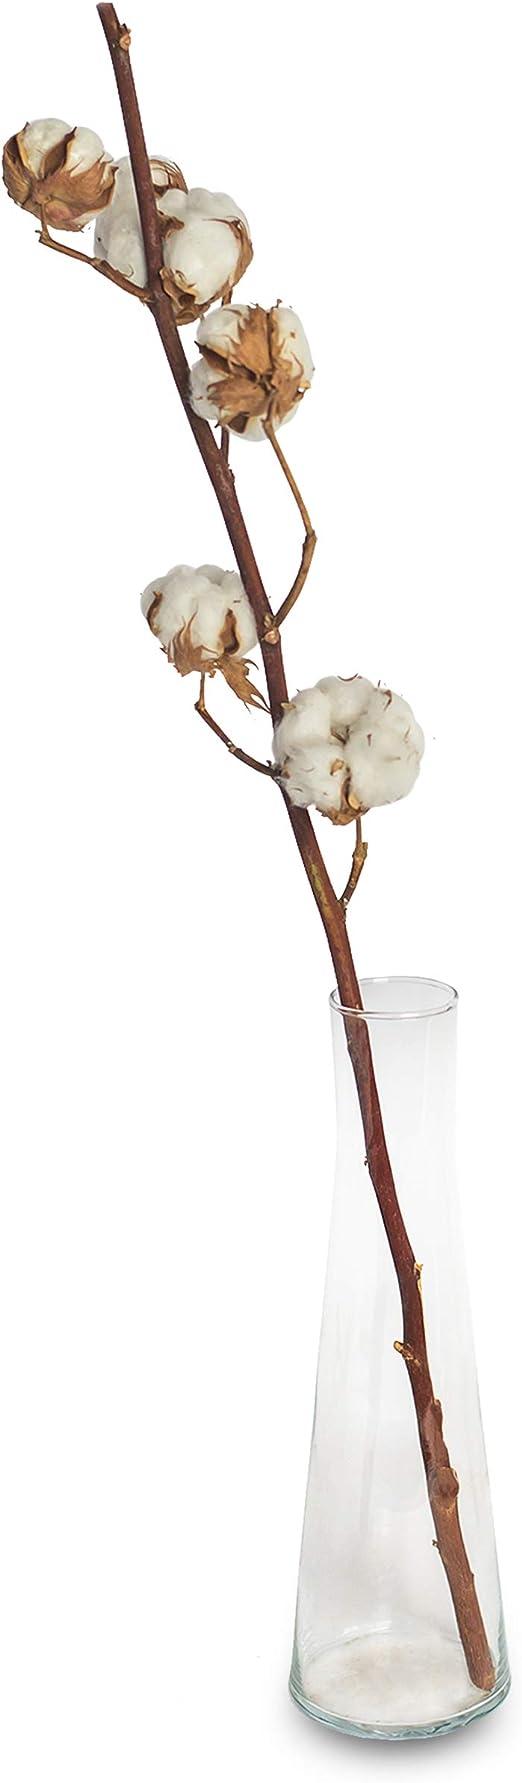 1 x rama de algodón natural, secada, con 8 a 10 flores, más o menos 70-75 cm de longitud, larga vida útil, para decoración, actividades manuales o regalo: Amazon.es: Jardín